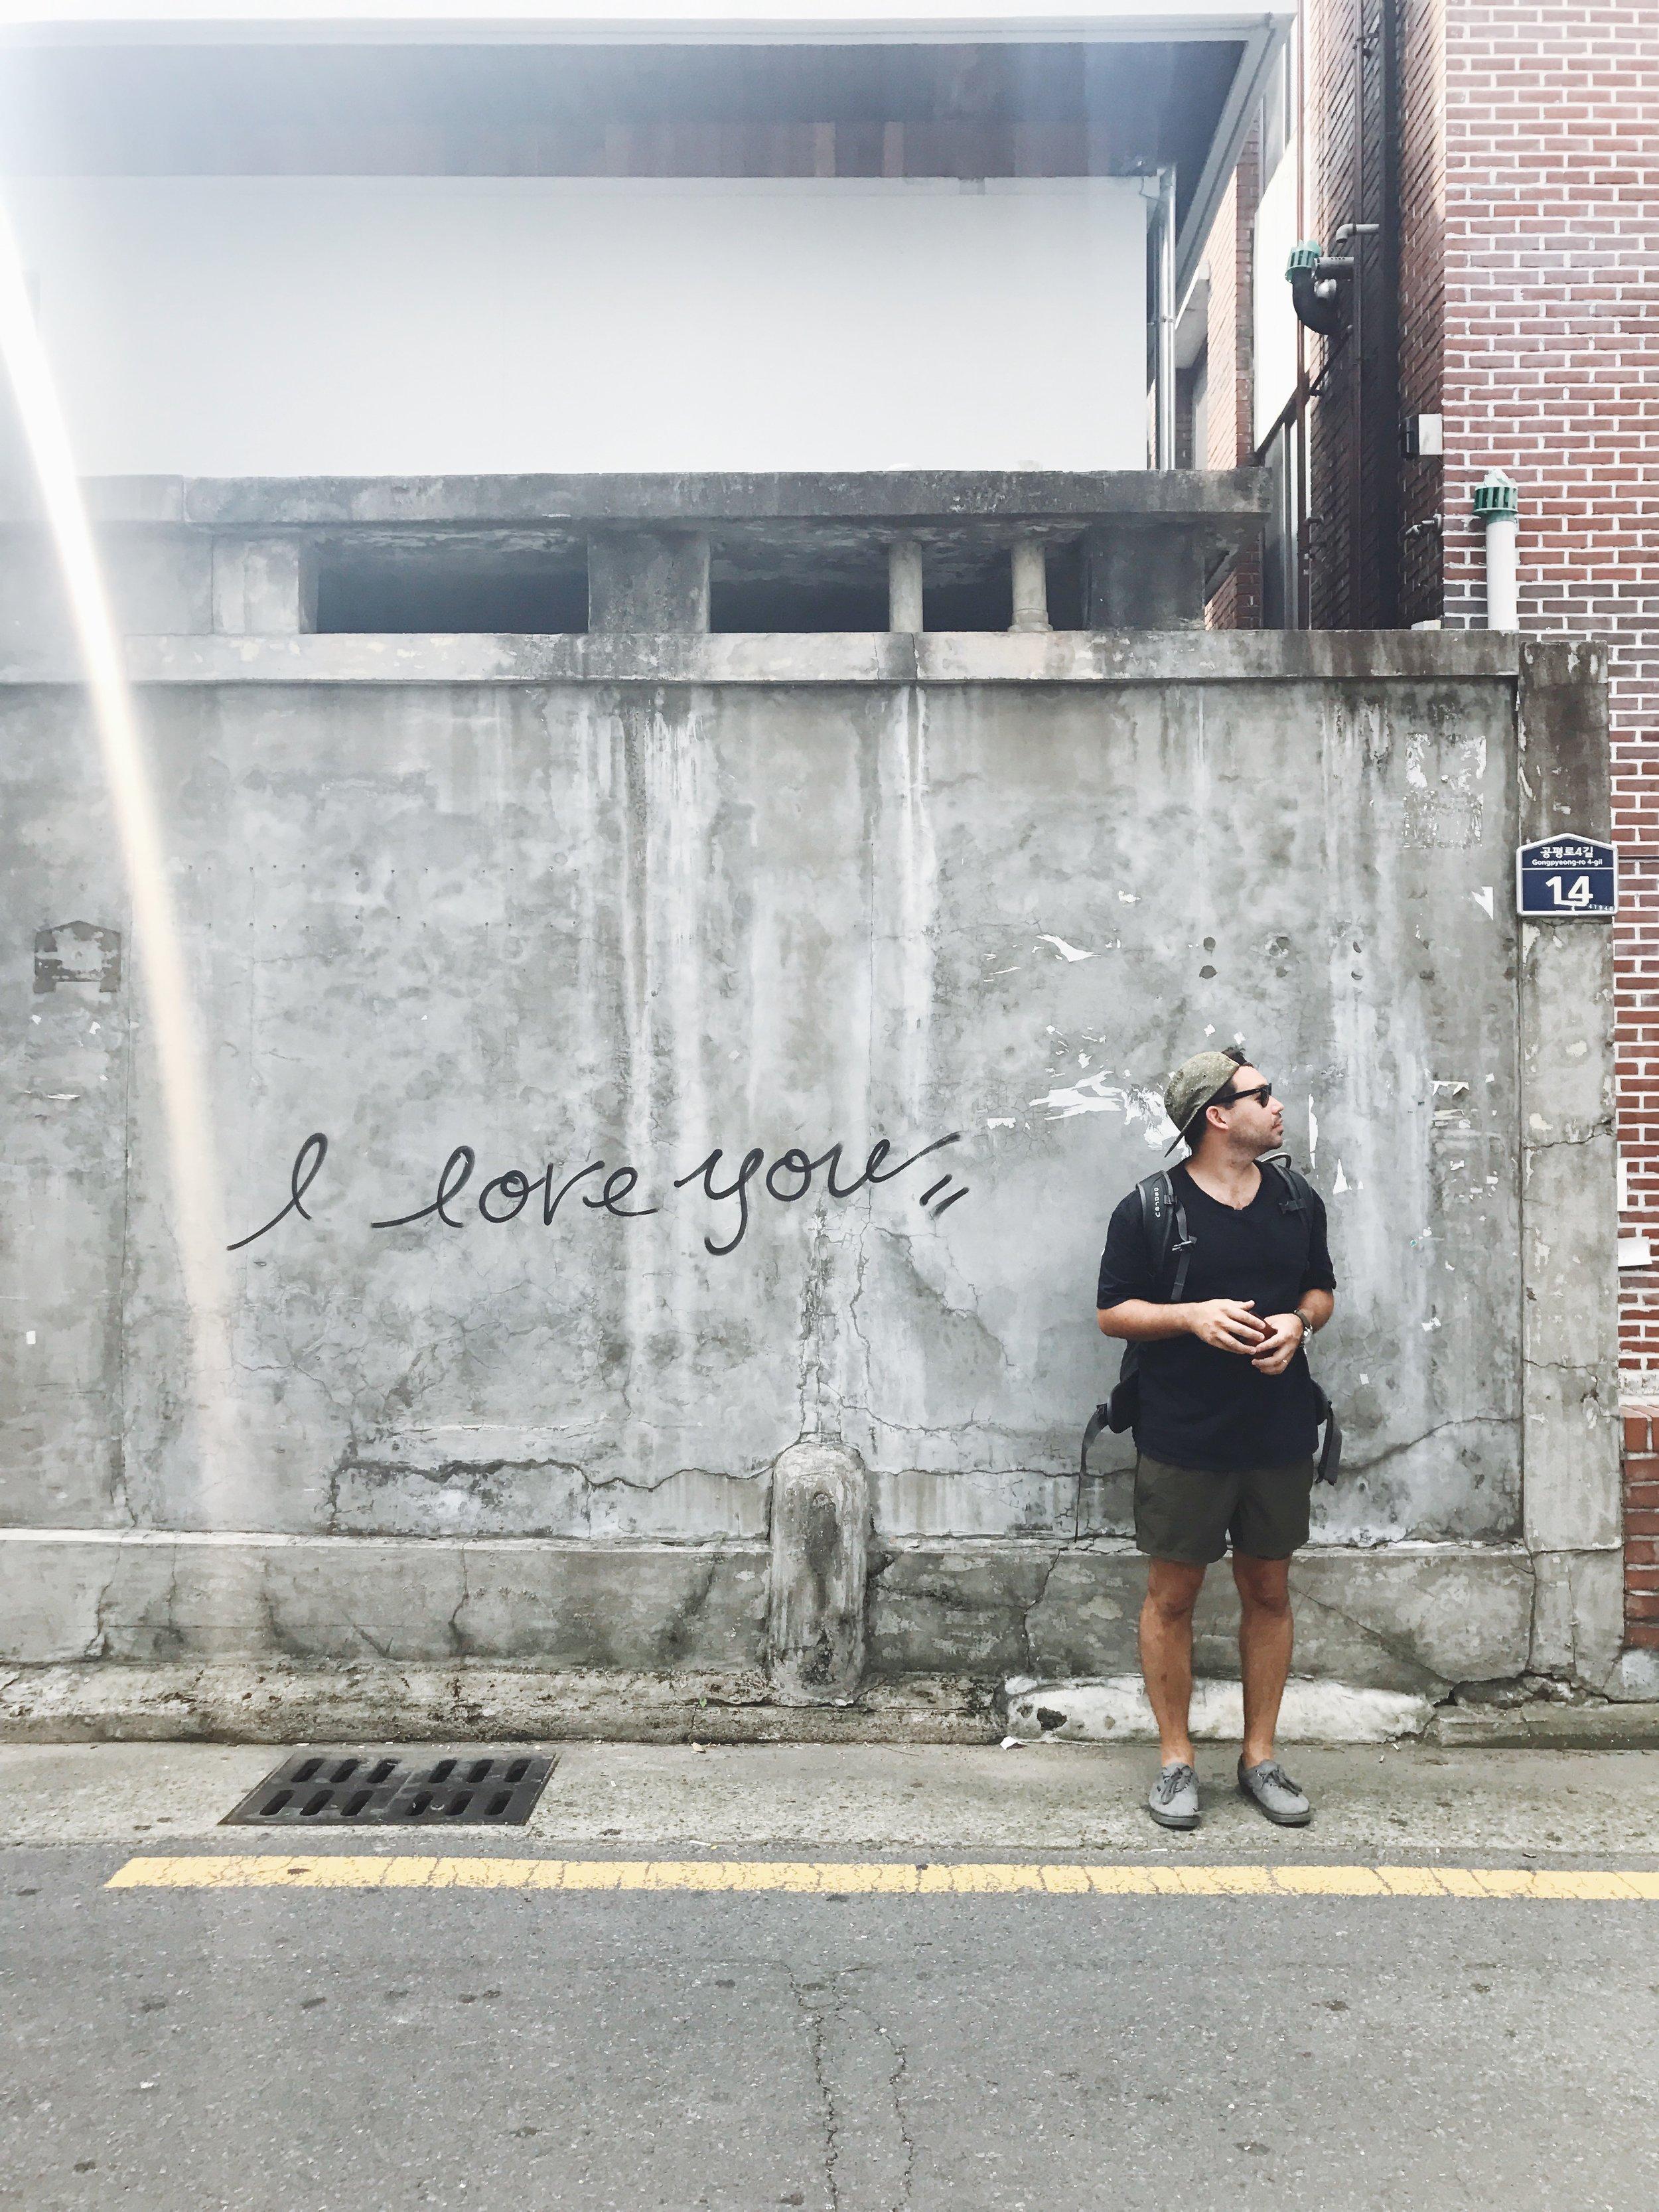 Found in Daegu